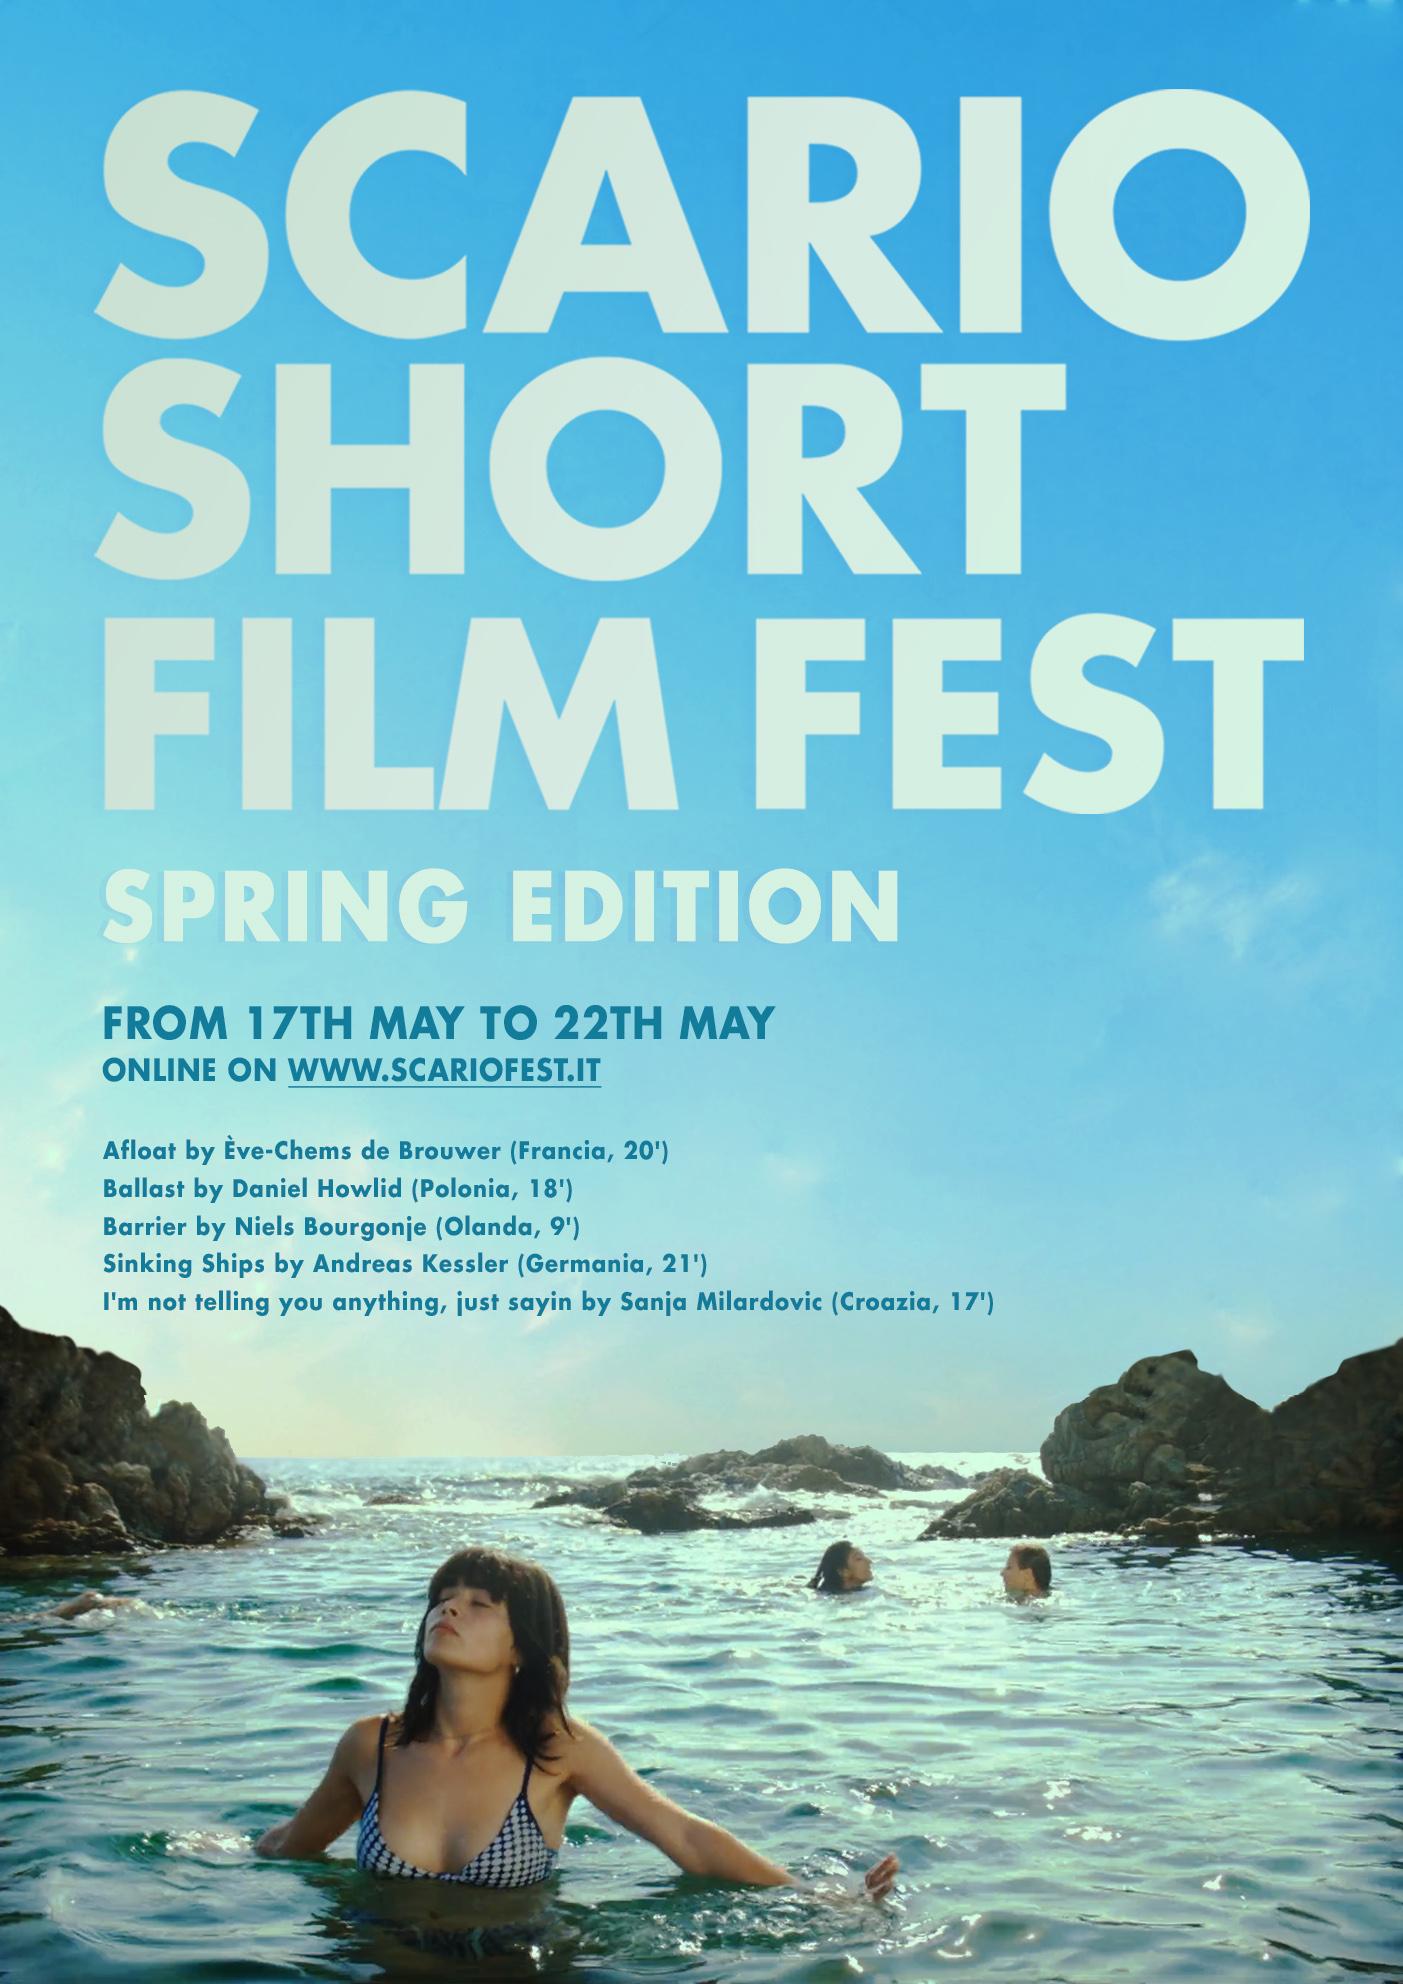 LOCANDINA spring SCARIO FILM FEST, AL VIA LEDIZIONE PRIMAVERILE